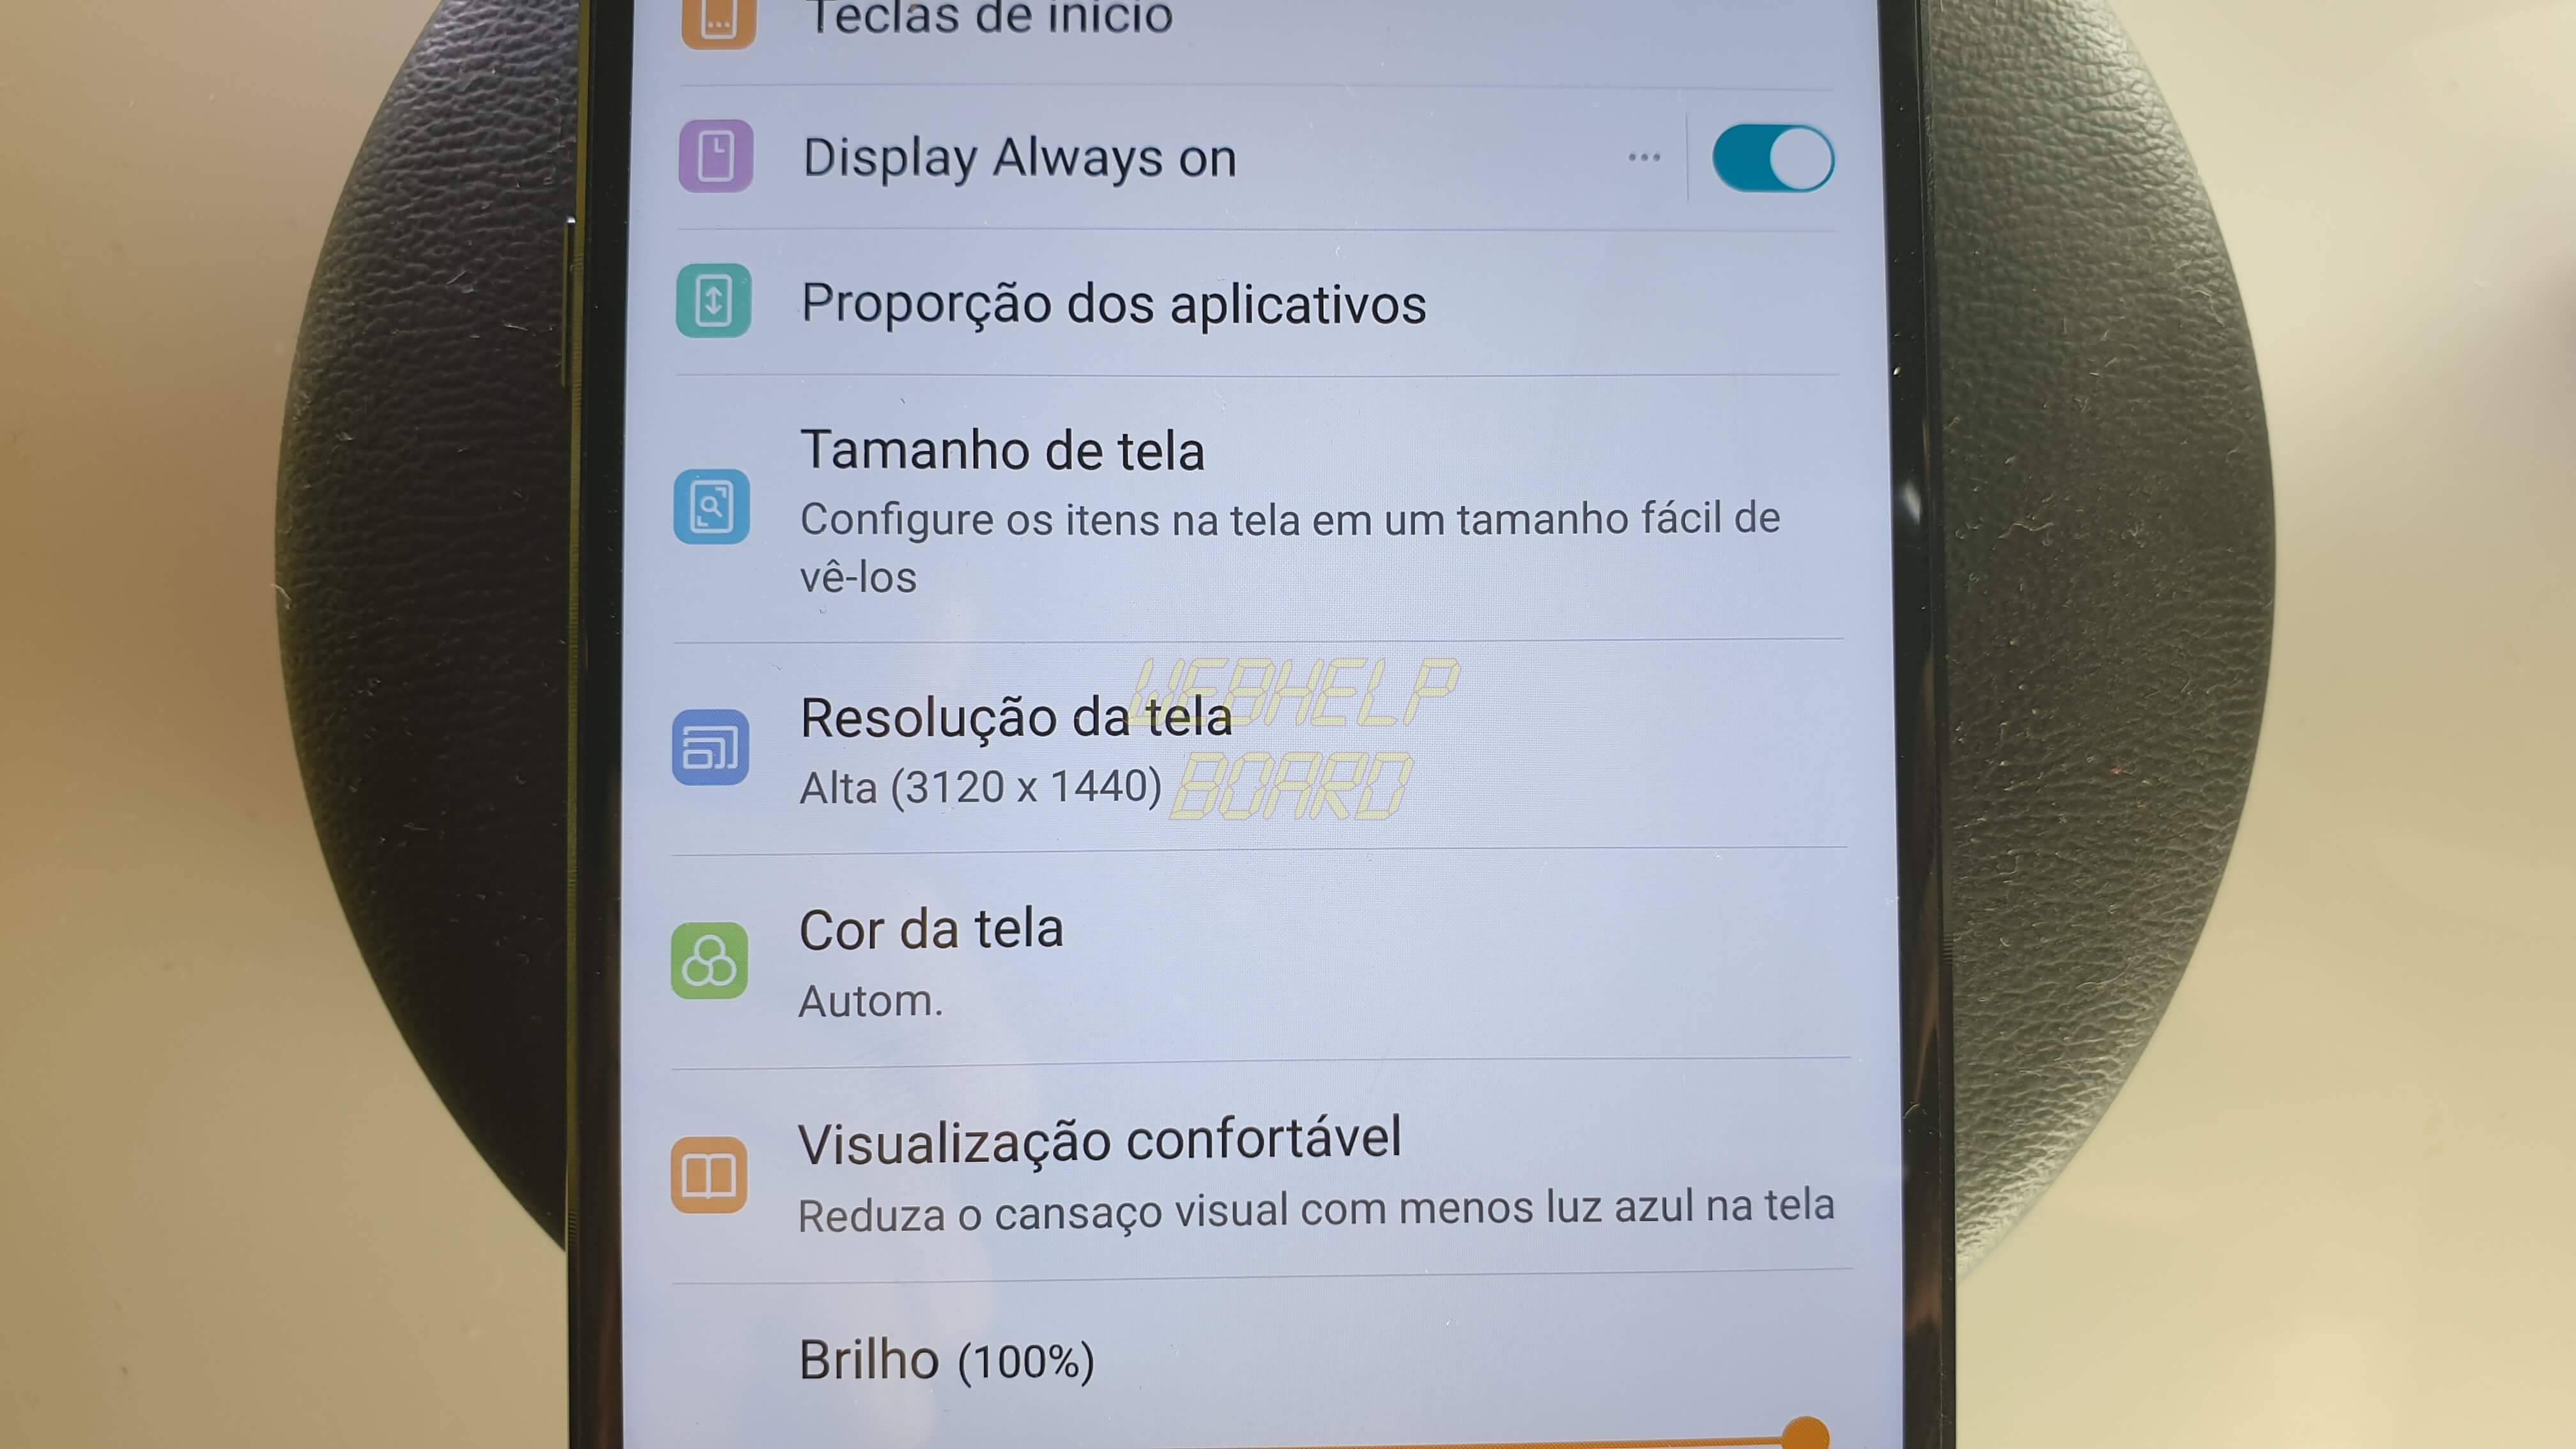 20181130 171310 - LG G7 ThinQ: dicas e truques para aproveitar ao máximo o smartphone